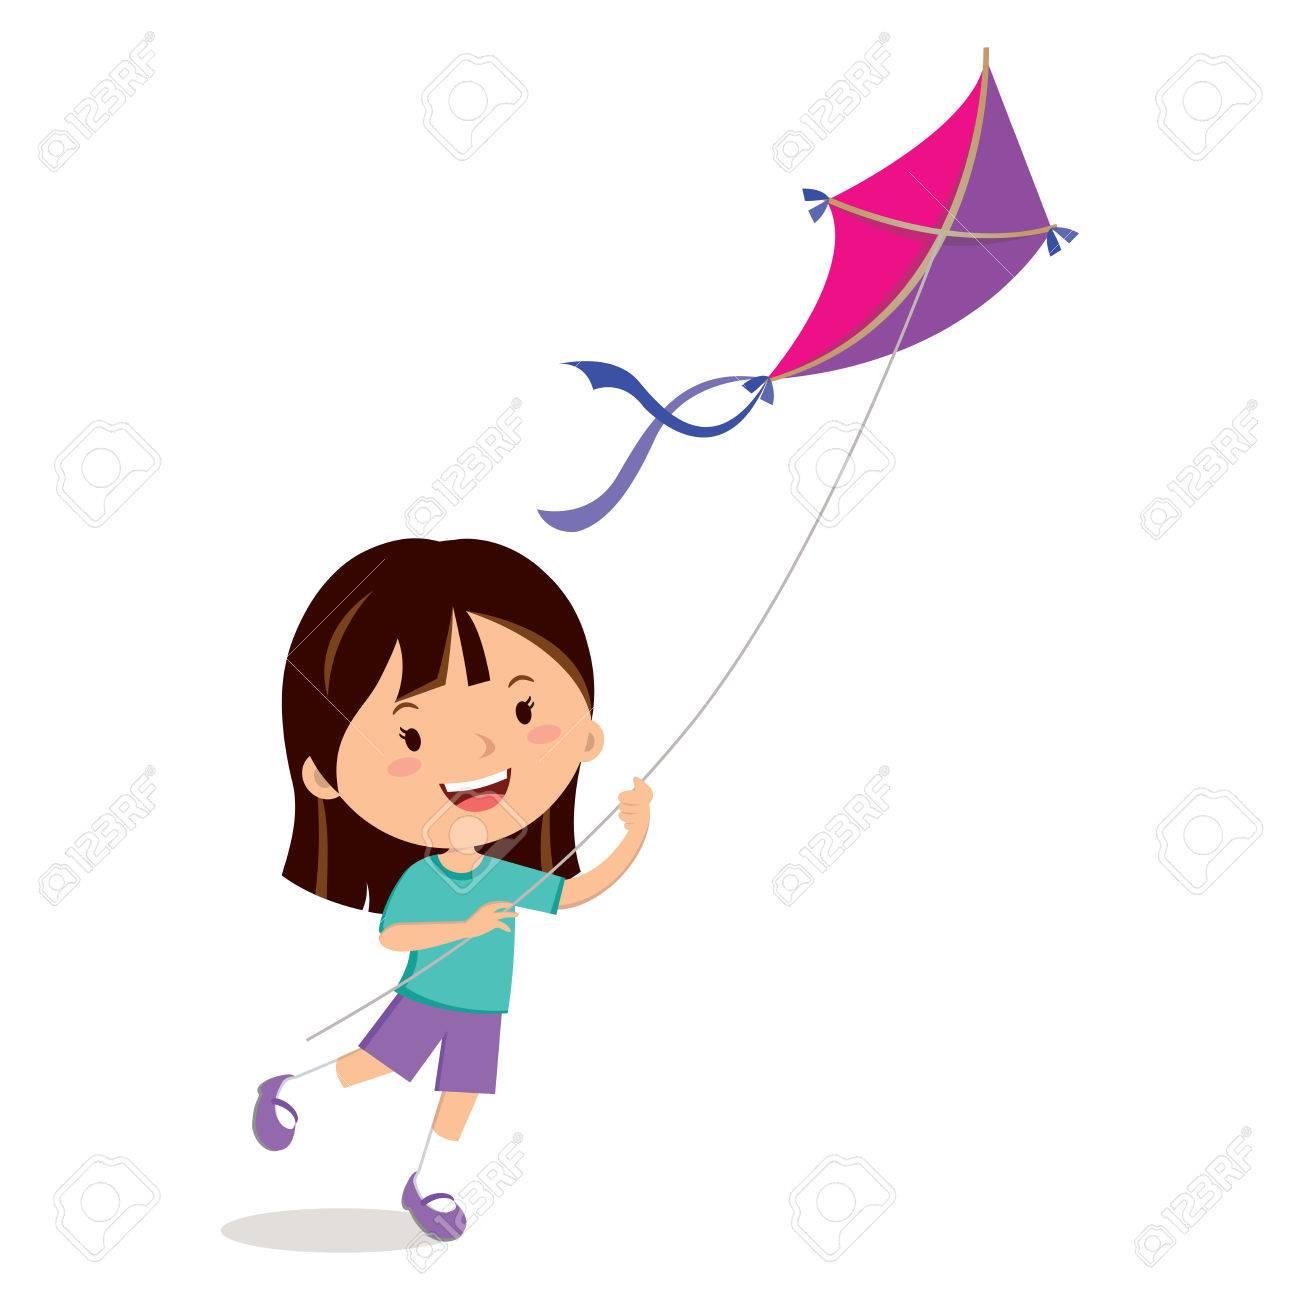 Girl Flying A Kite Clipart.